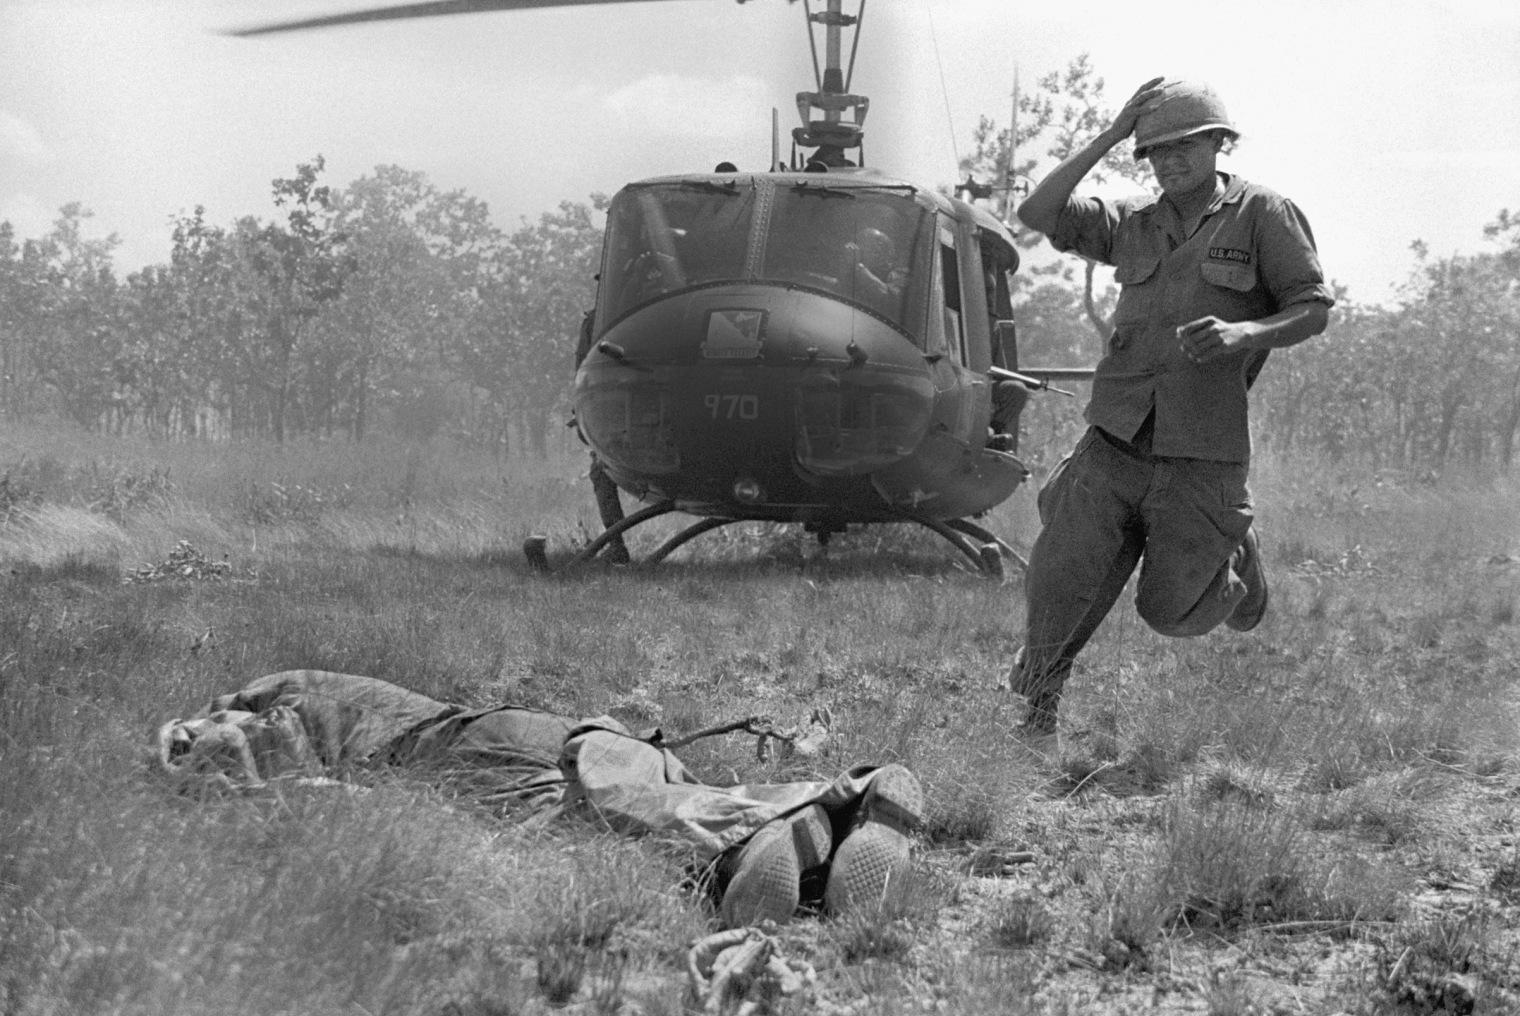 Soldier Picking Up Dead Body In Vietnam